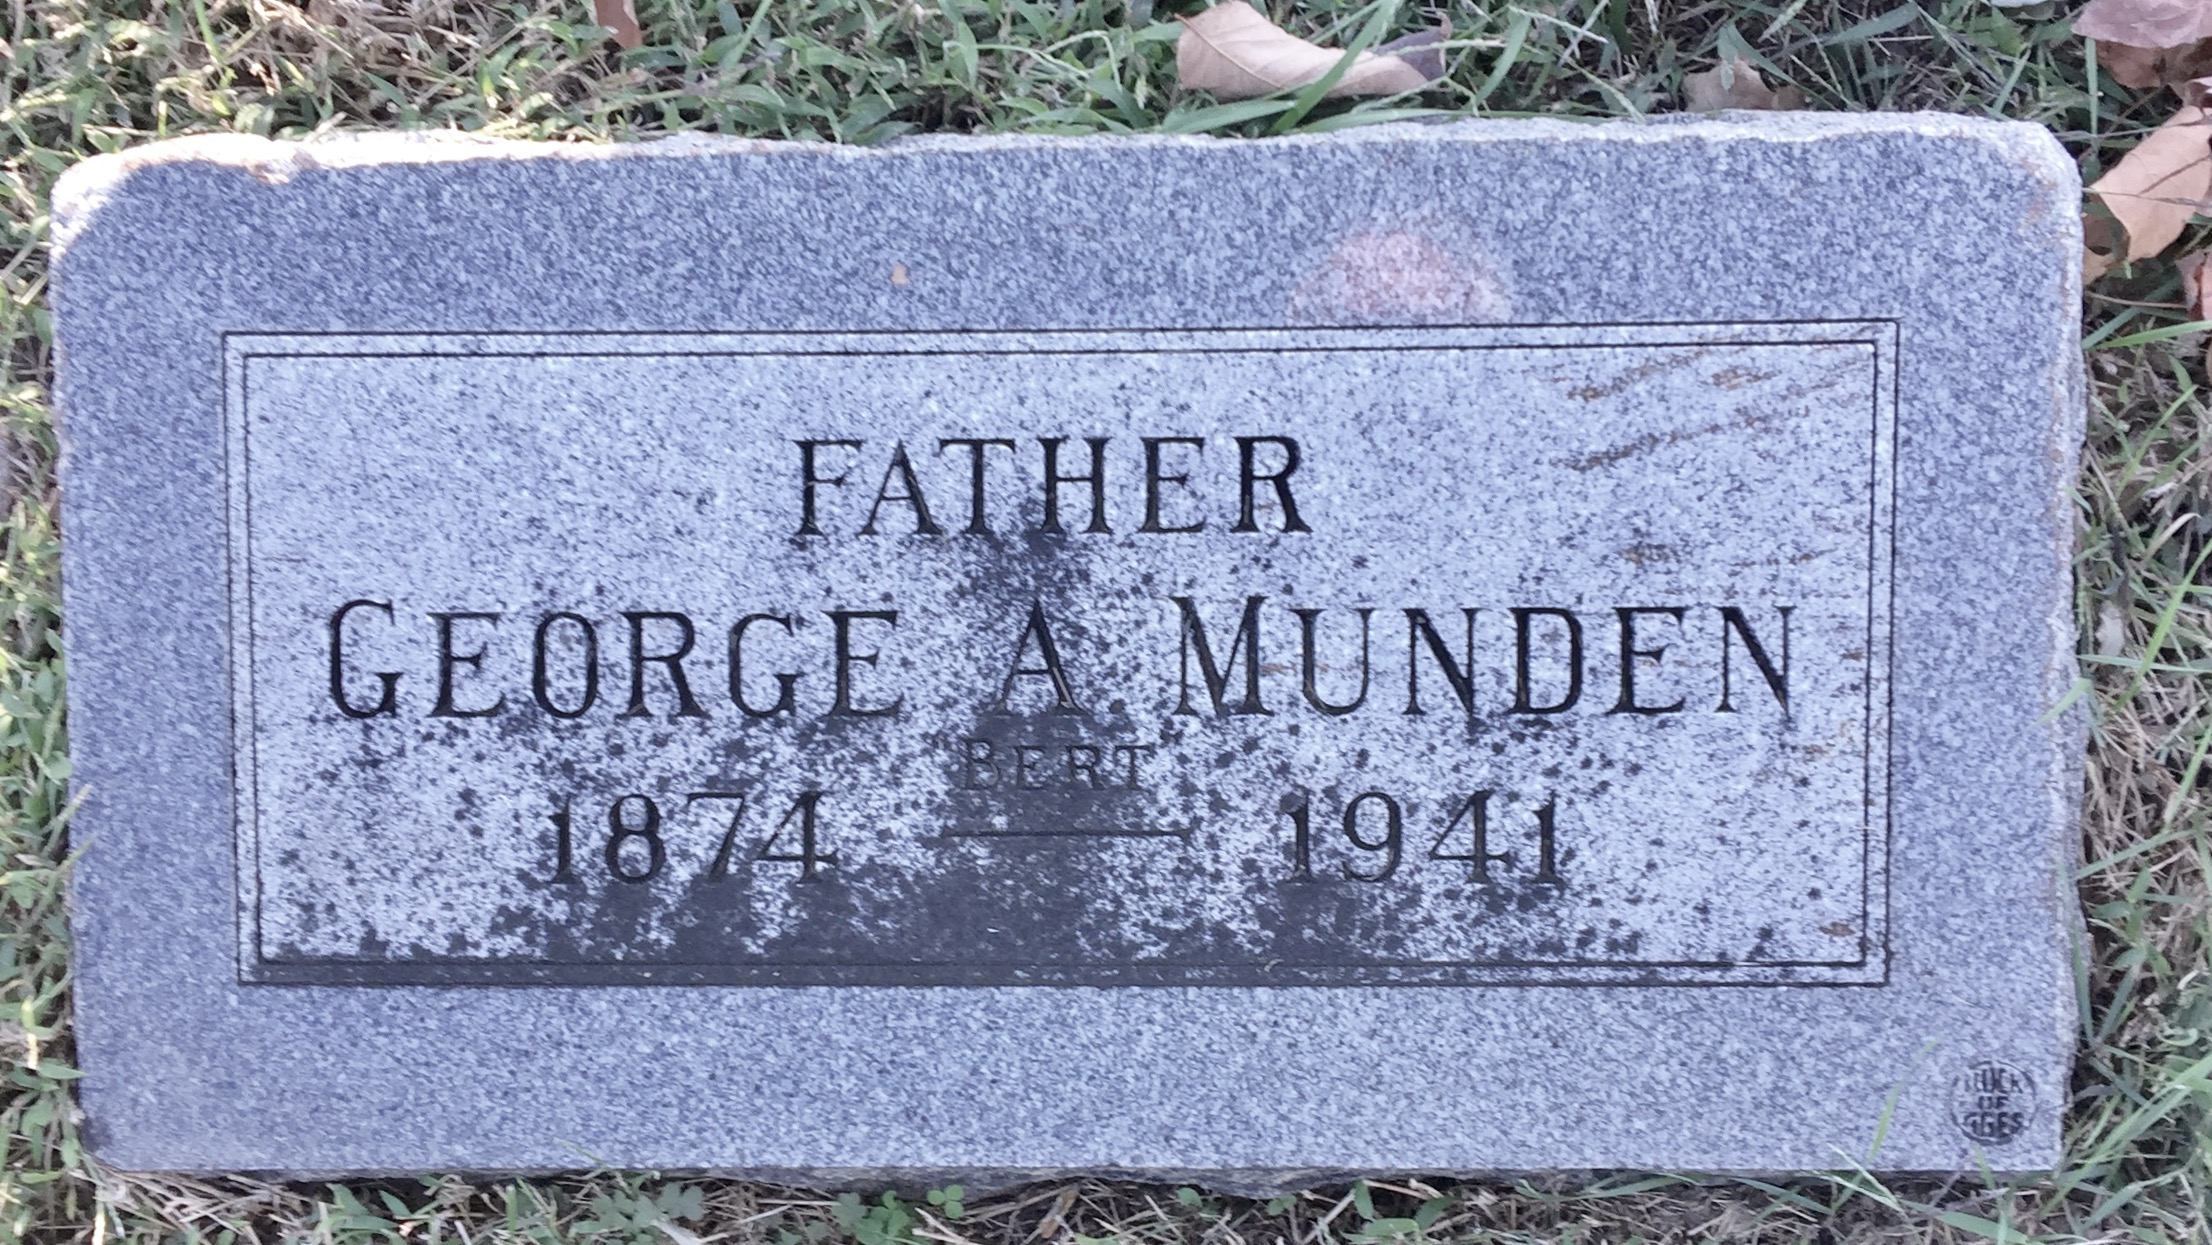 George Albertson Munden